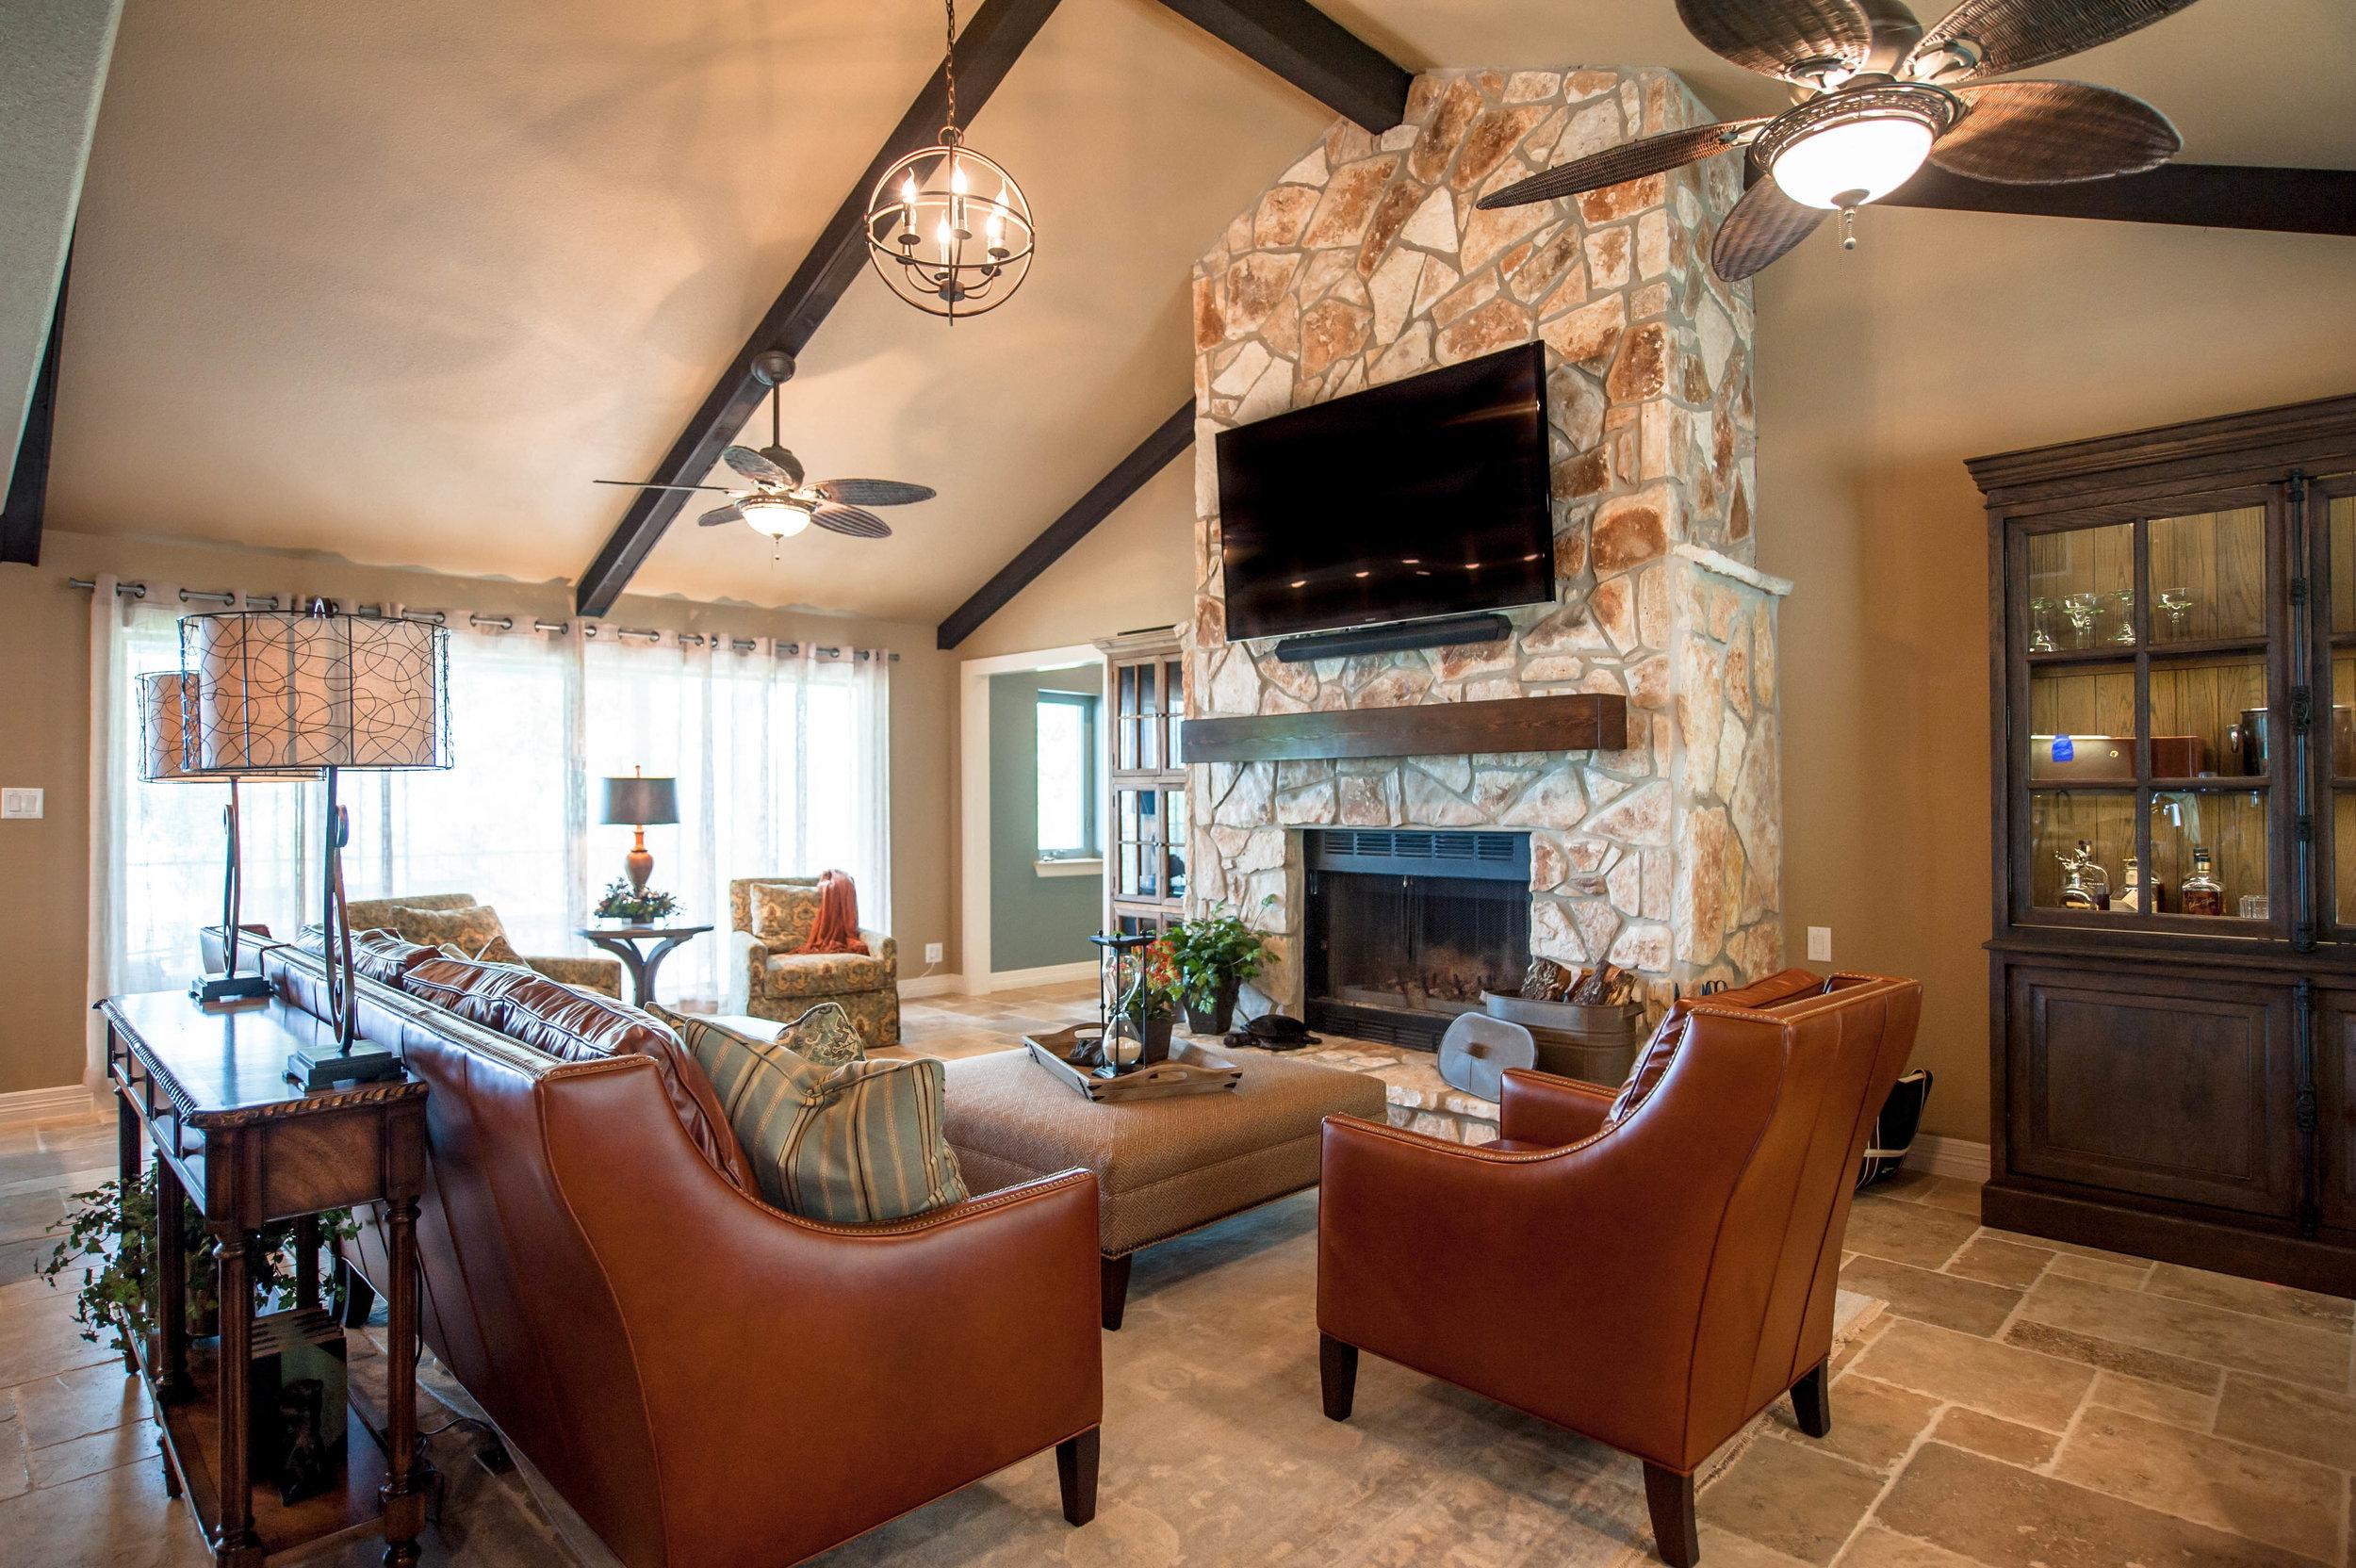 Rustic Lake House - VEIW MORE >>